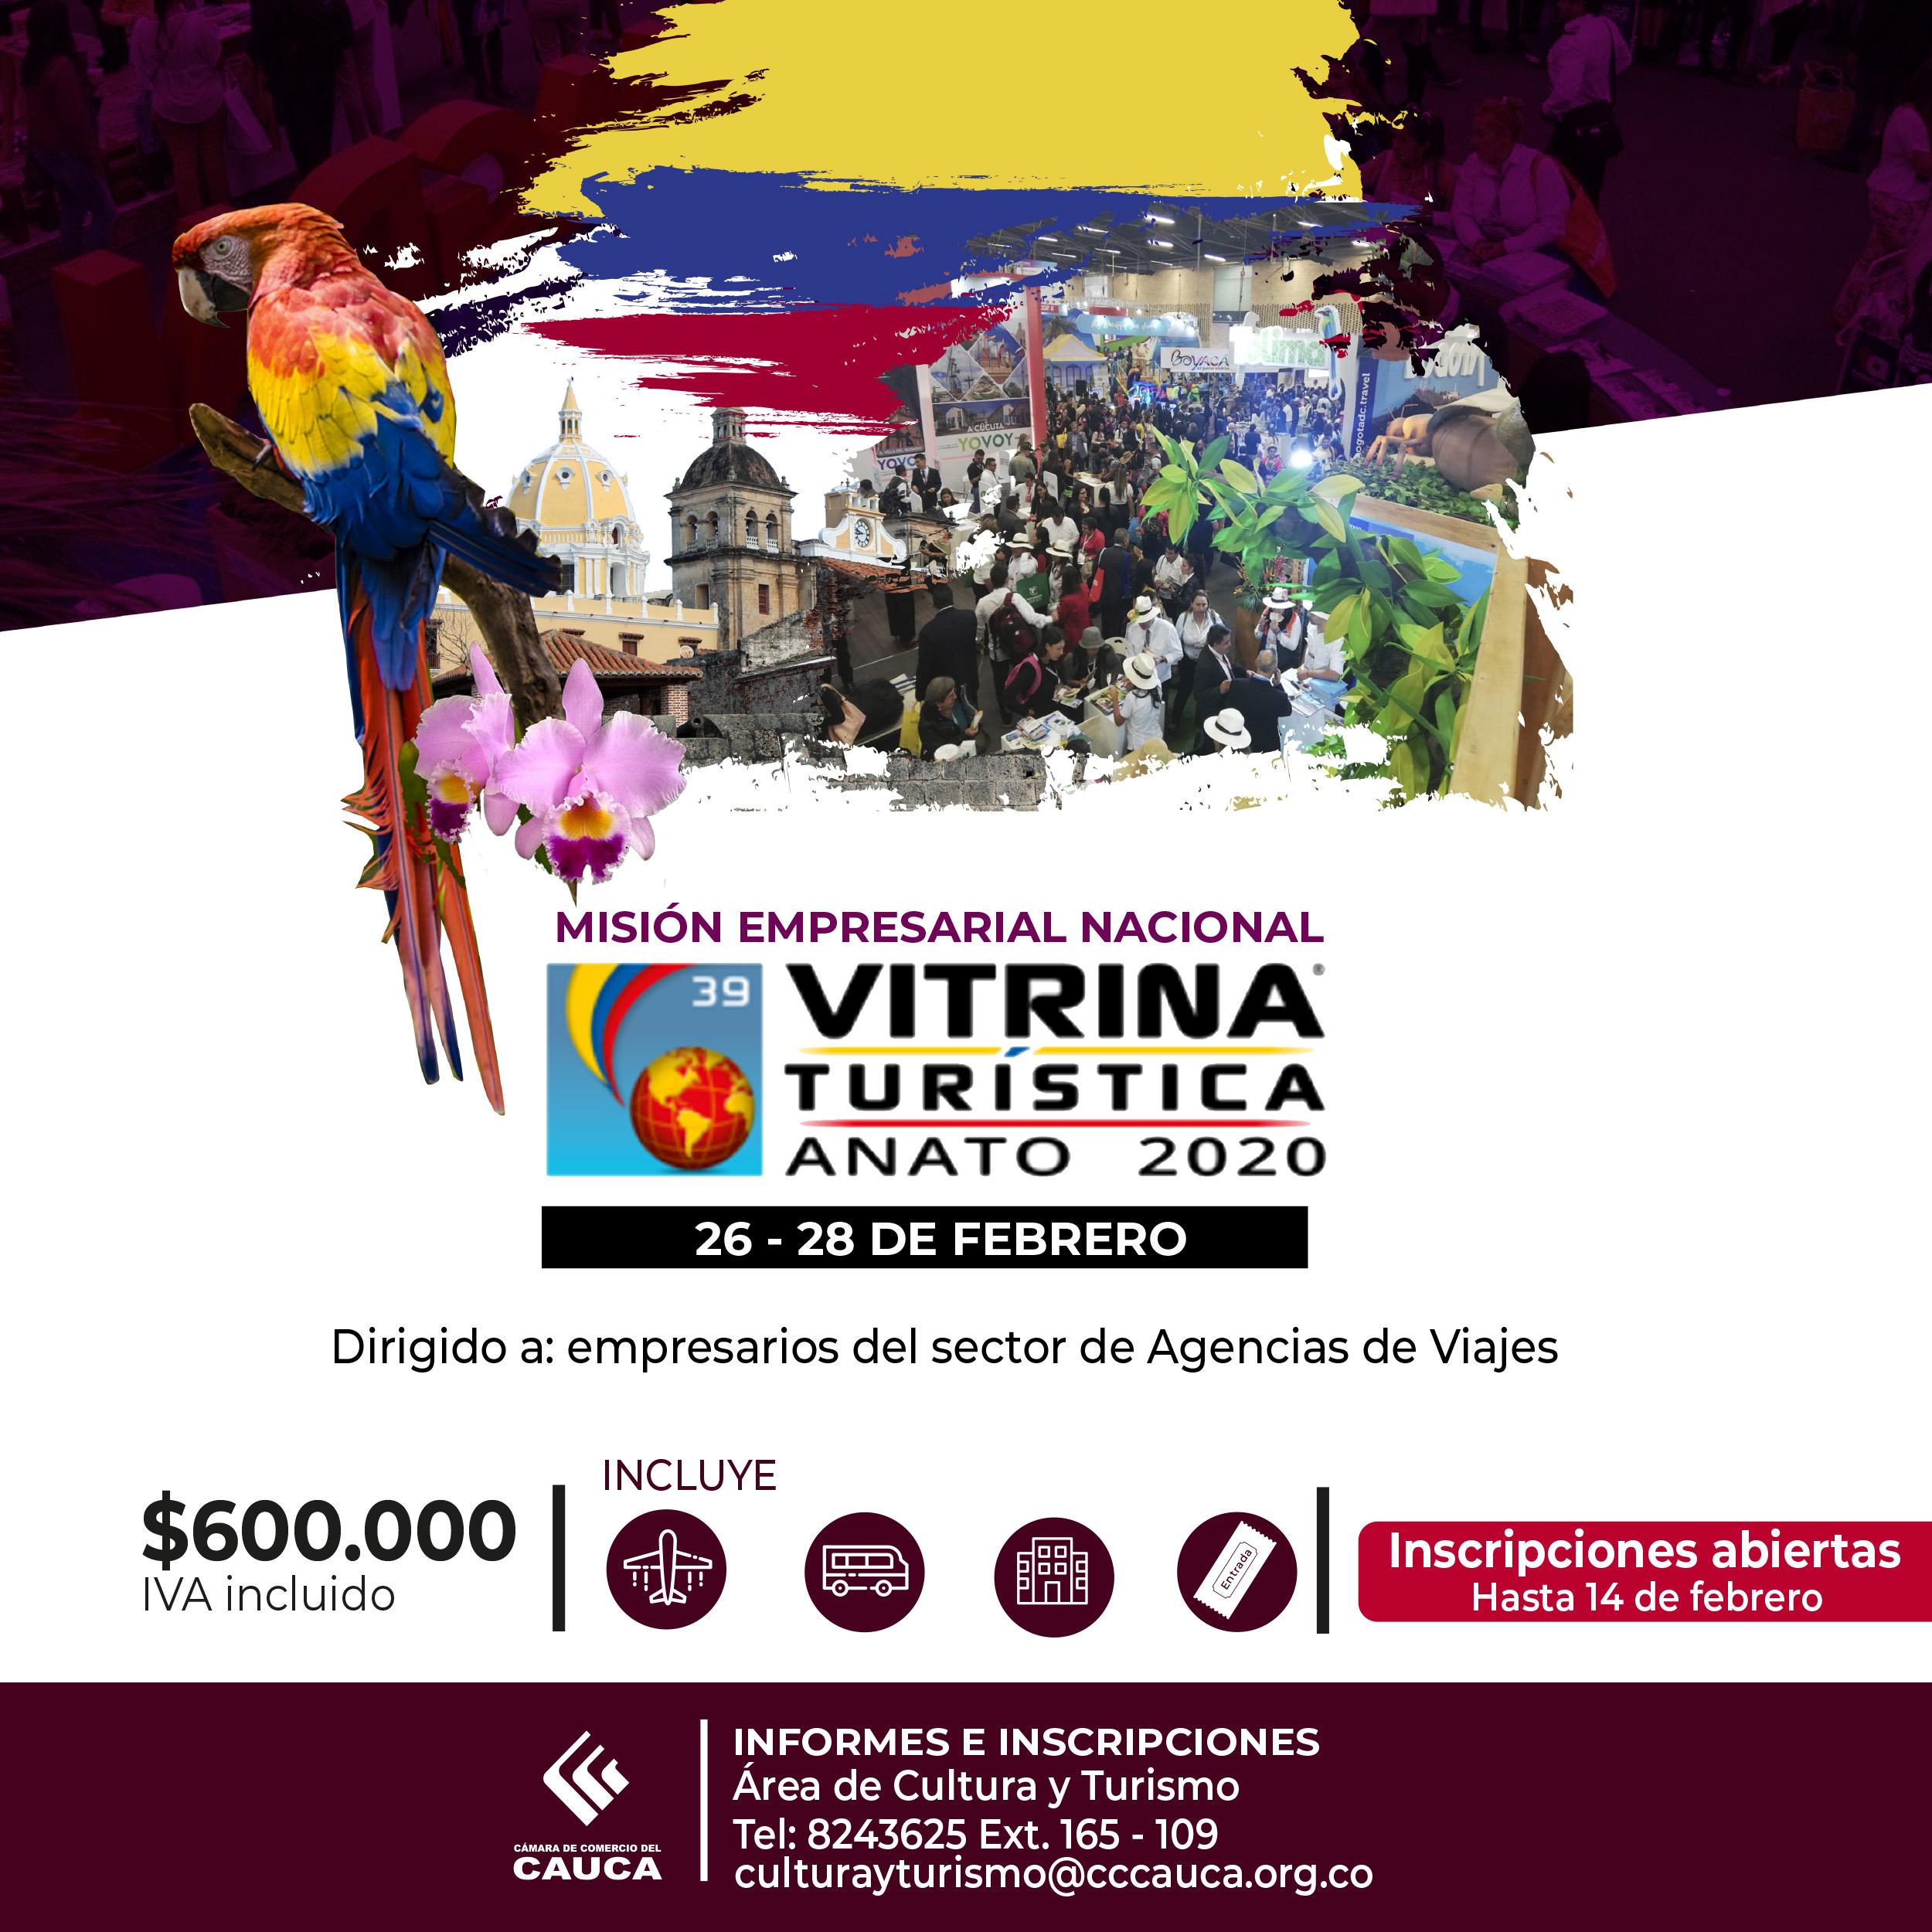 Inscripciones abiertas a la Misión Empresarial Nacional – Vitrina Turística ANATO 2020